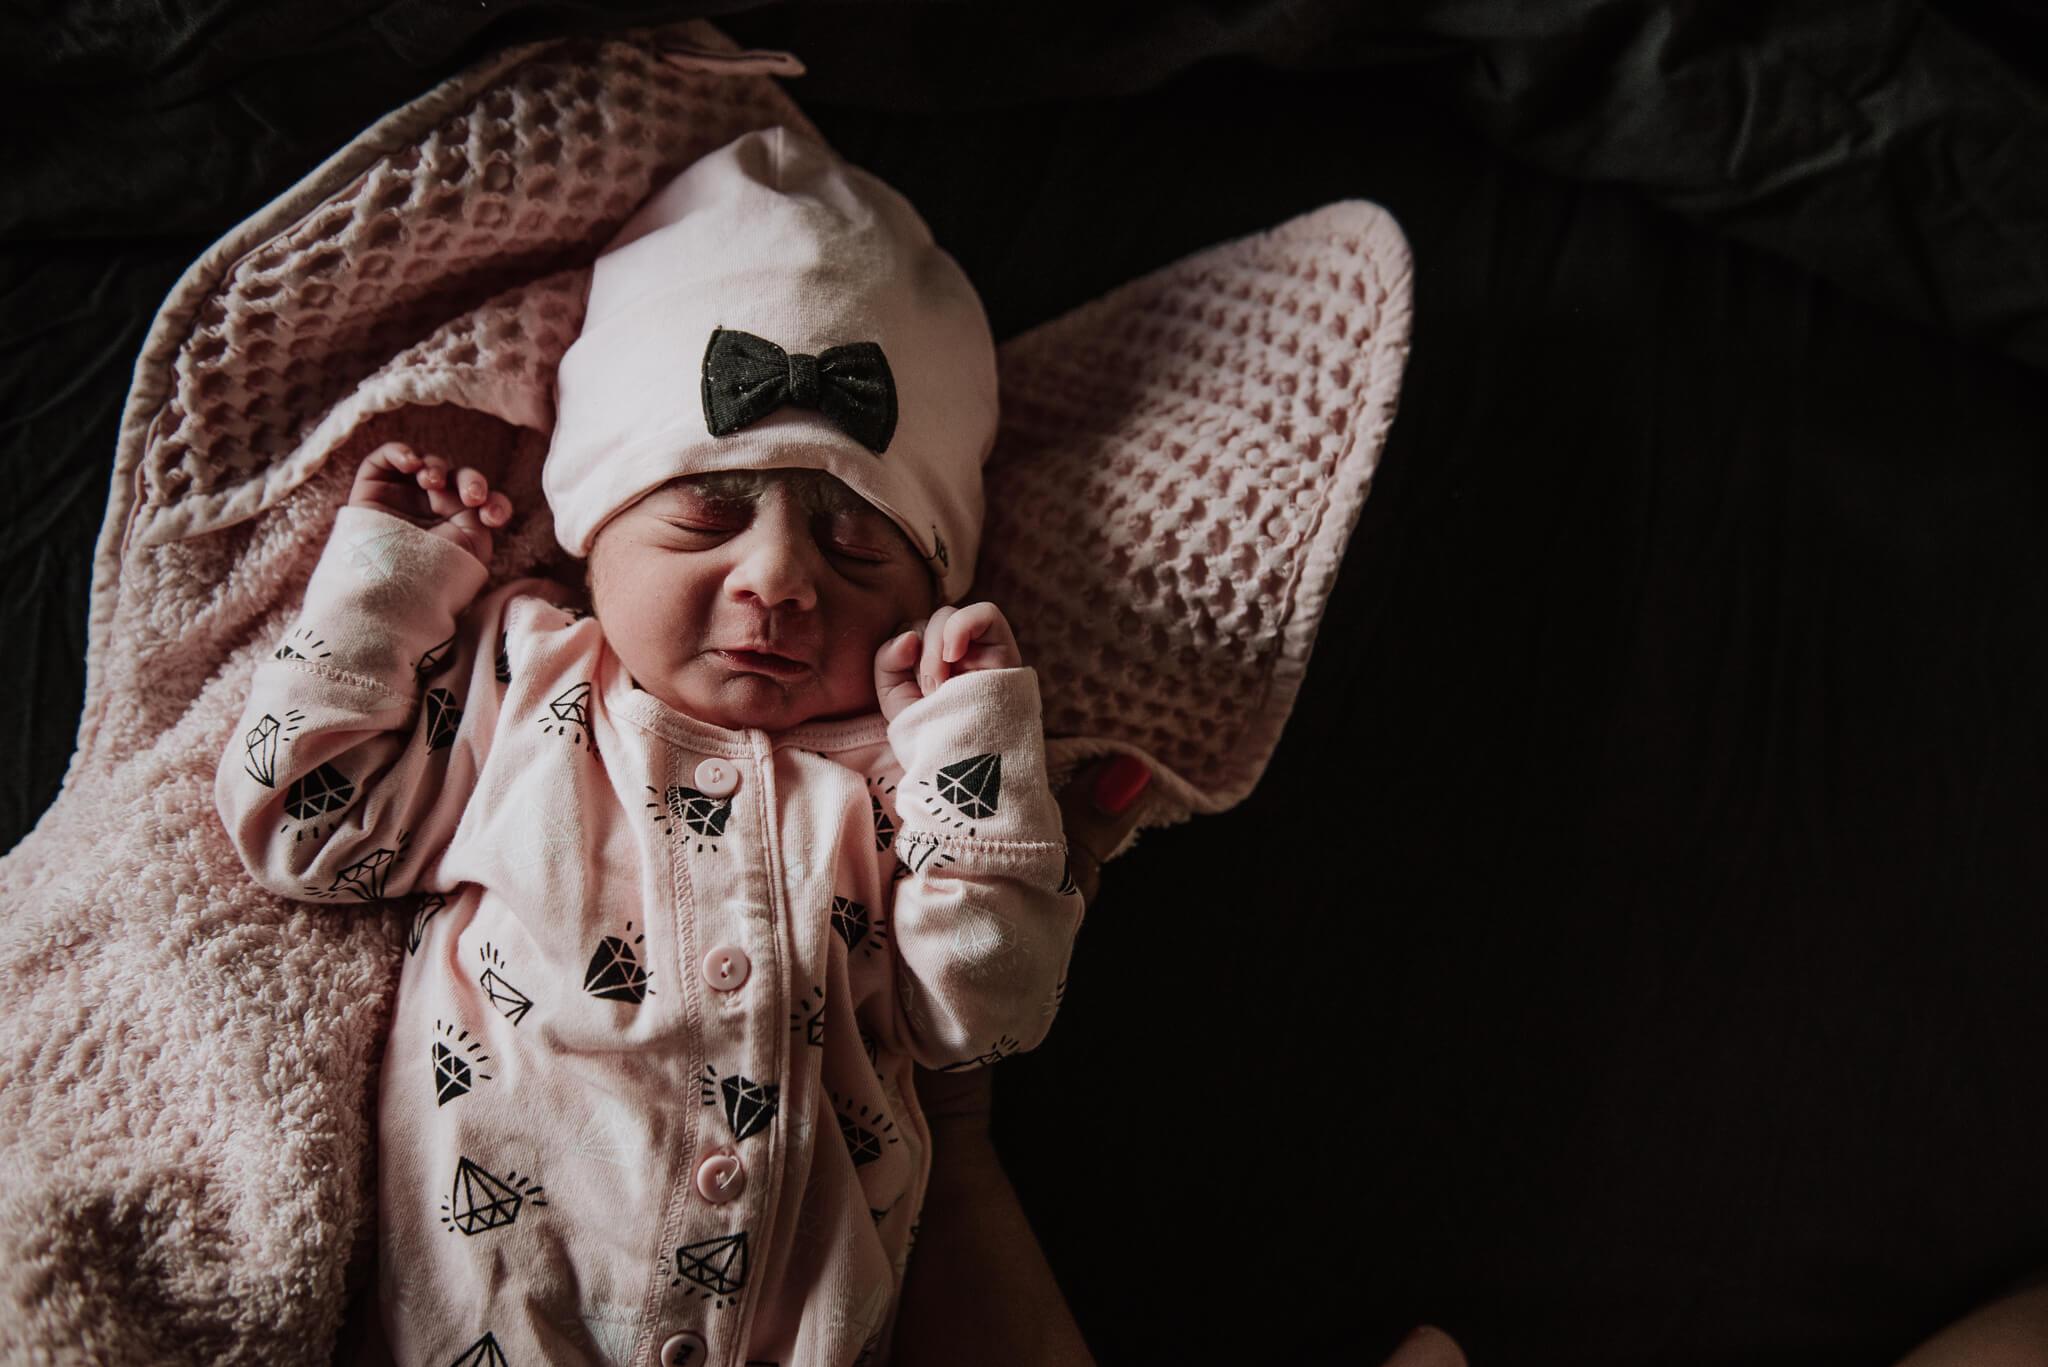 geboortefotografie gorinchem Birth Day geboortefotografie Cindy Willems